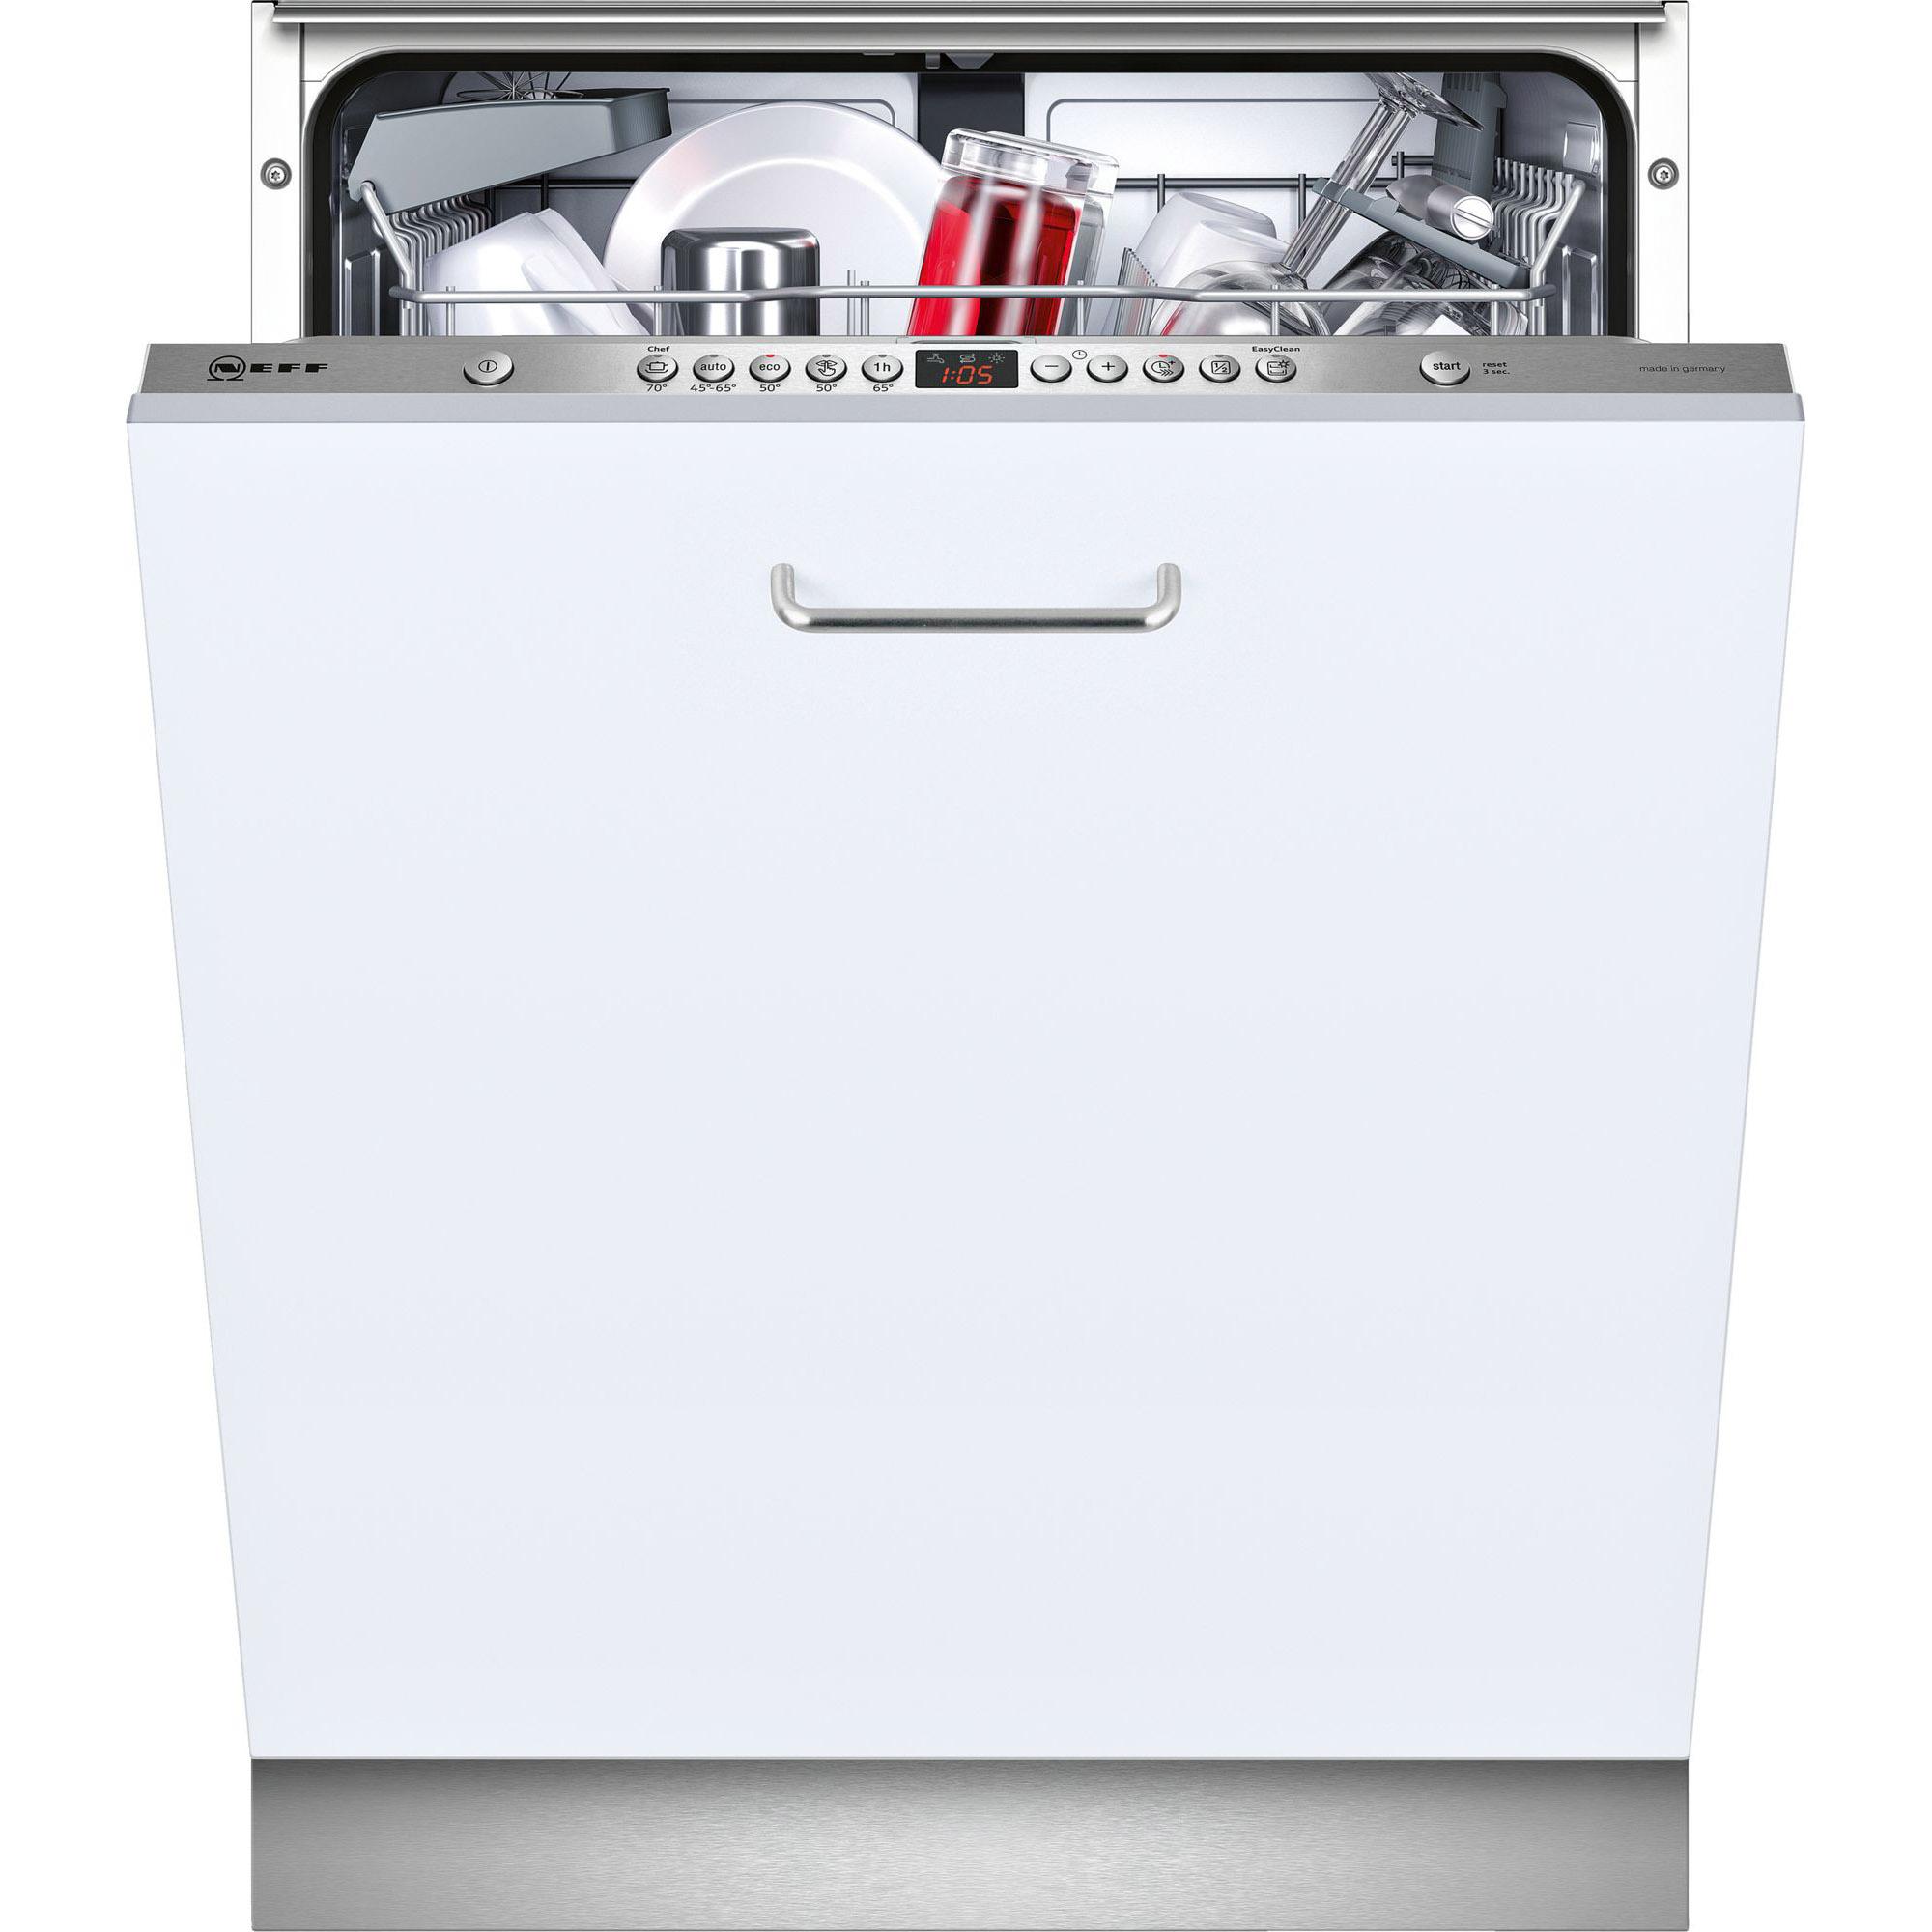 Фото - Посудомоечная машина NEFF S513I50X0R встраиваемая посудомоечная машина neff s513f60x2r